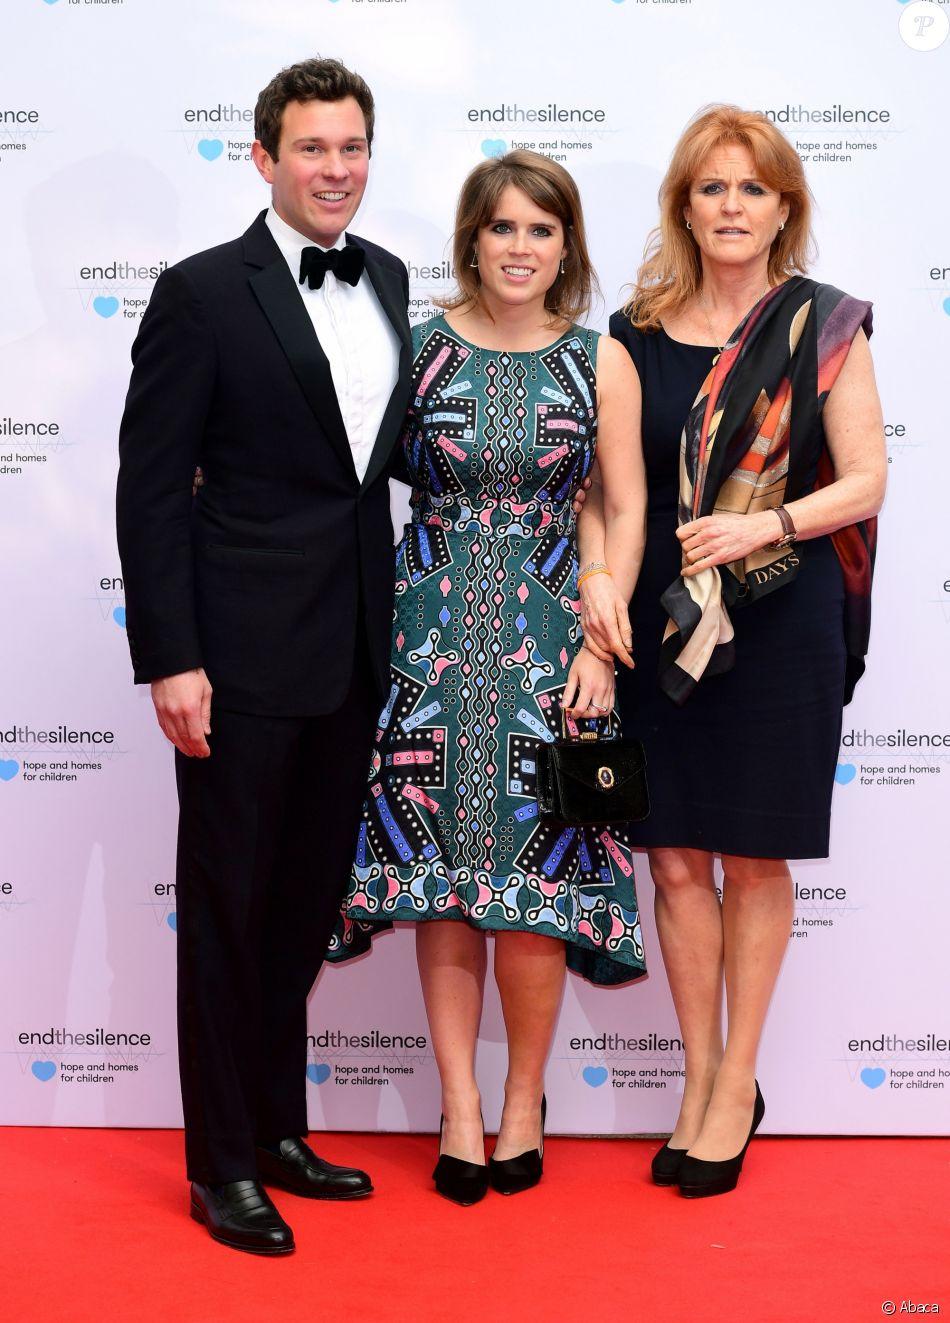 La princesse Eugenie d'York avec son compagnon Jack Brooksbank et sa mère Sarah Ferguson en mai 2017 lors d'un gala caritatif à Londres.